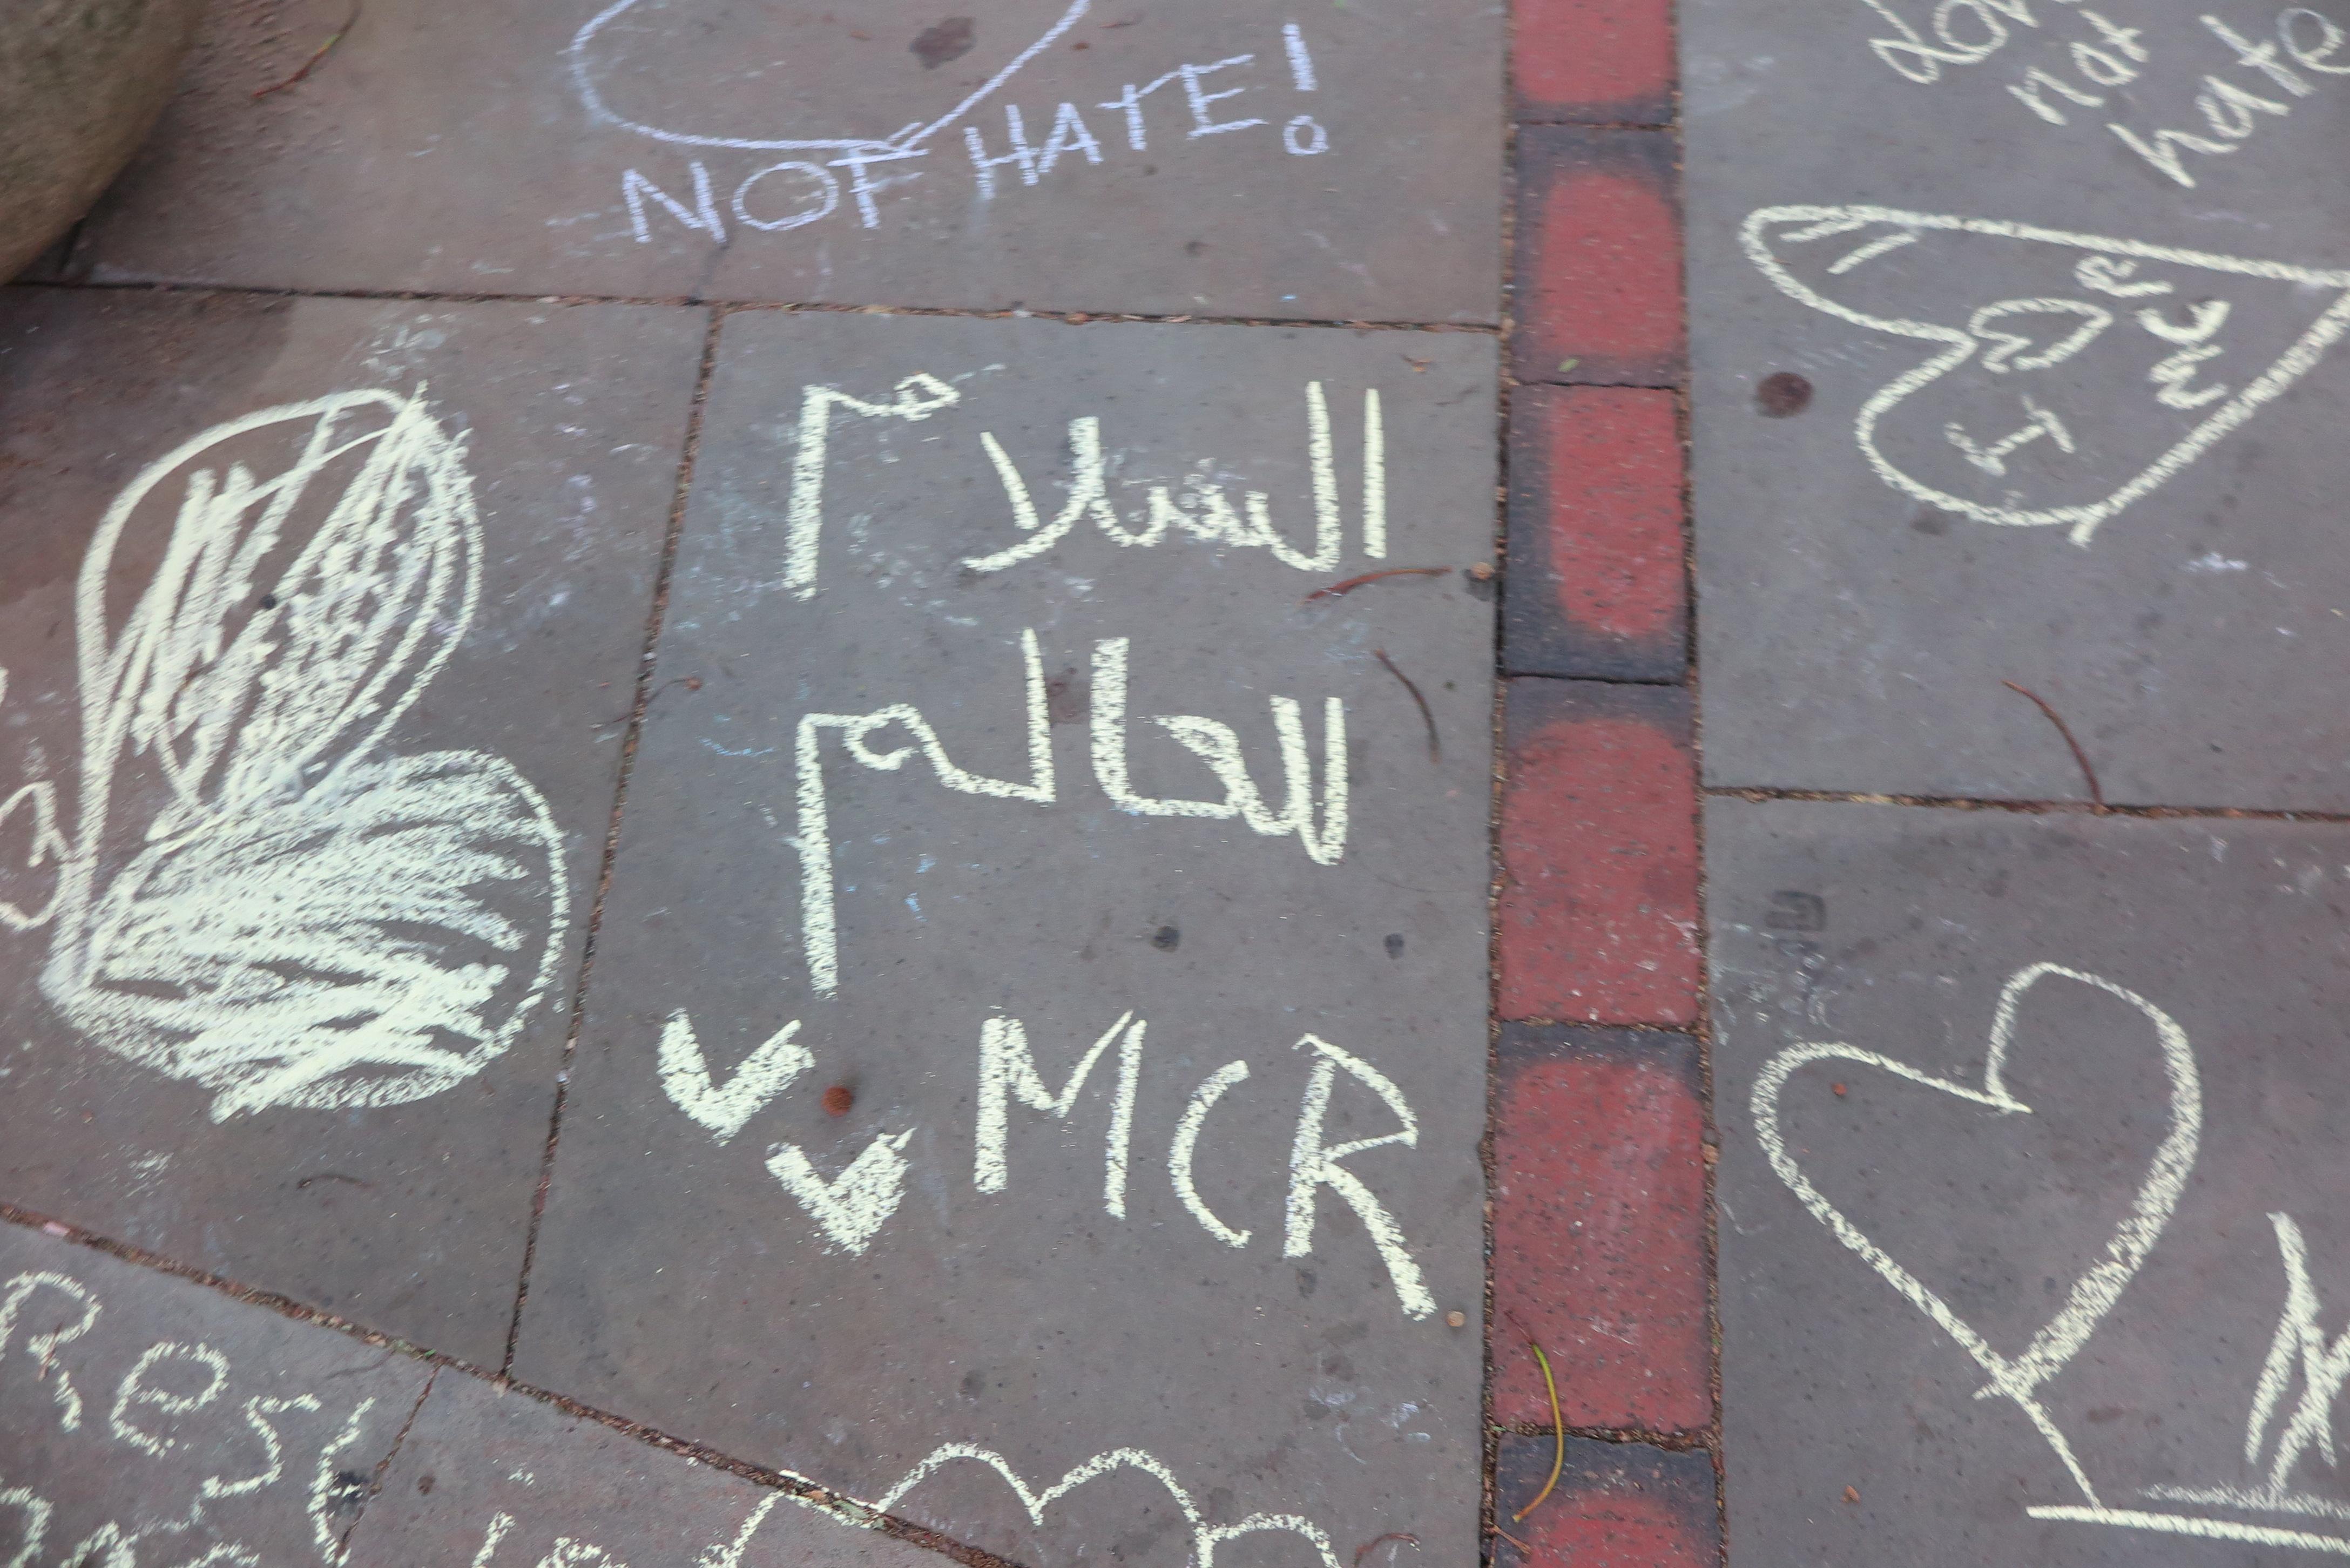 Salam! Arabische Botschaft im St Ann's Square Schrift aus Kreide